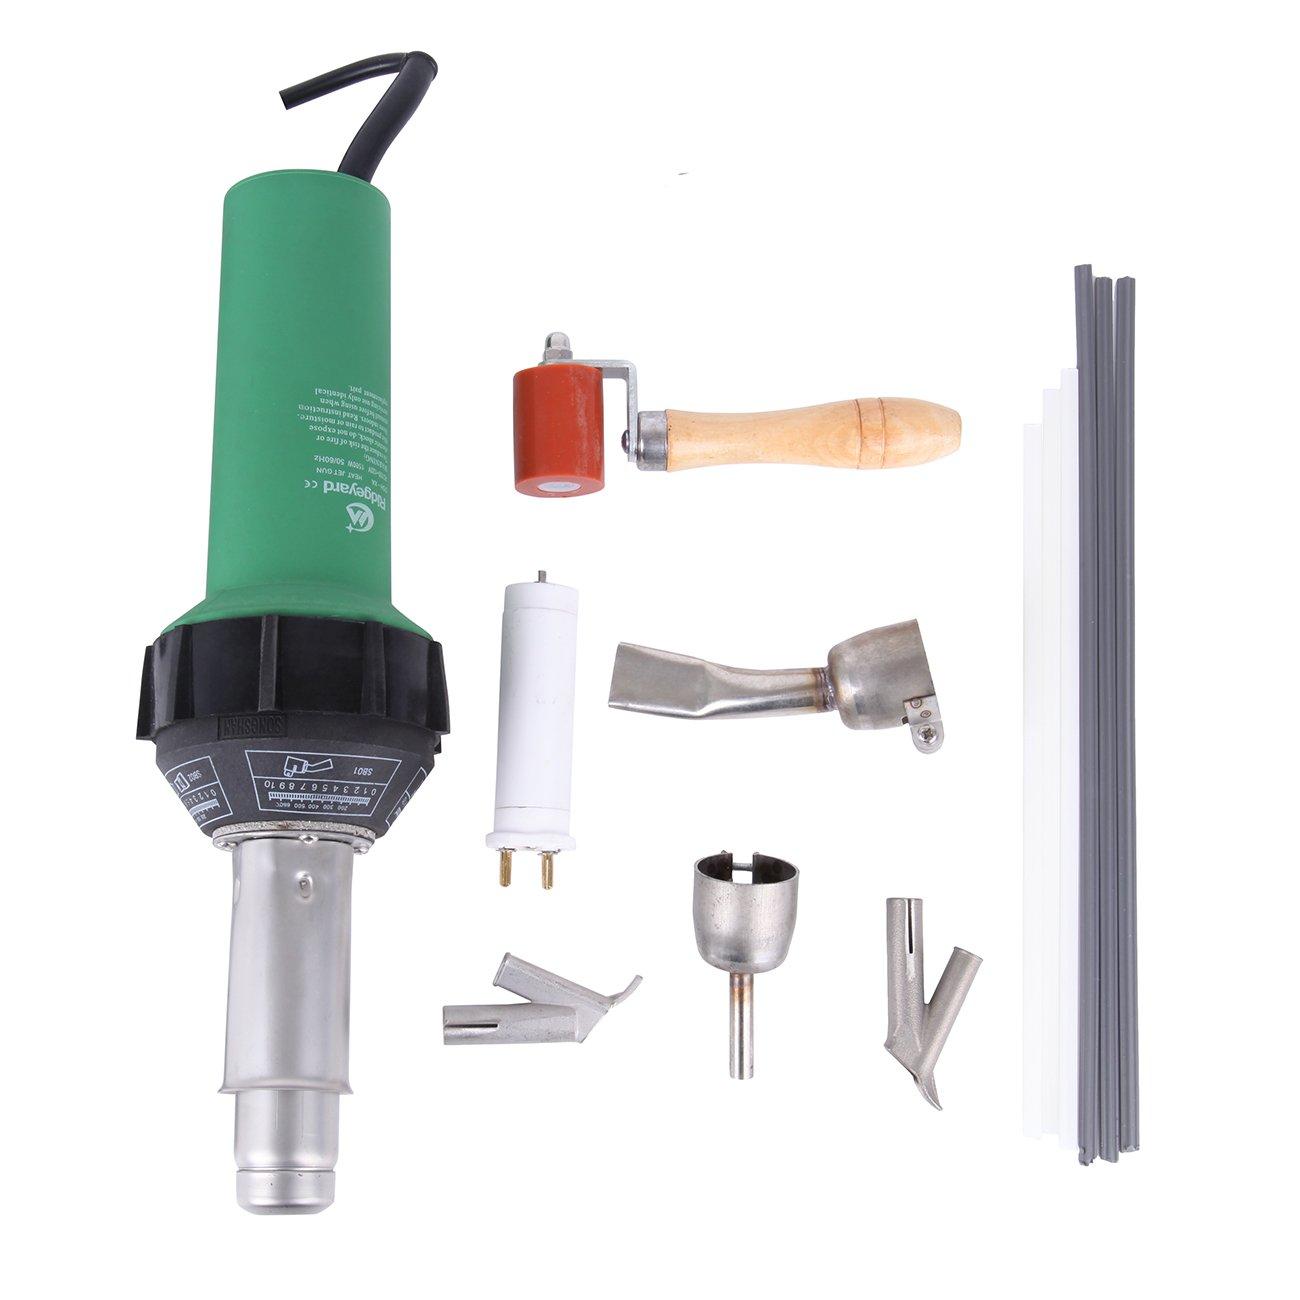 Ridgeyard 1080W Plastic Welding Heat Gun Hot Air Welder Hot Gas Pistol 2942 Pa